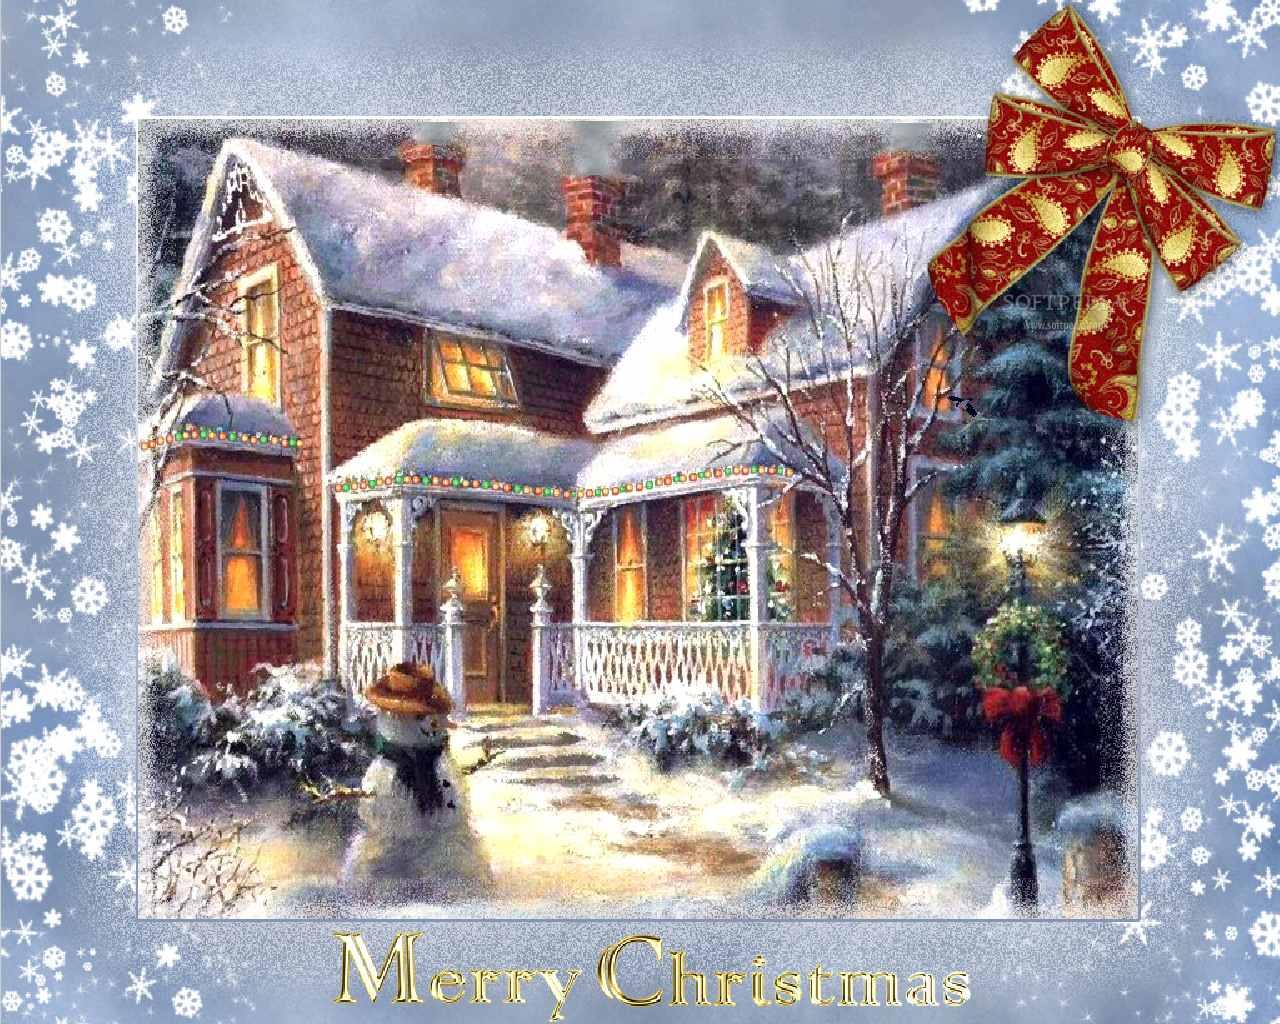 H hnerstall kreativ dezember 2011 for House images free download